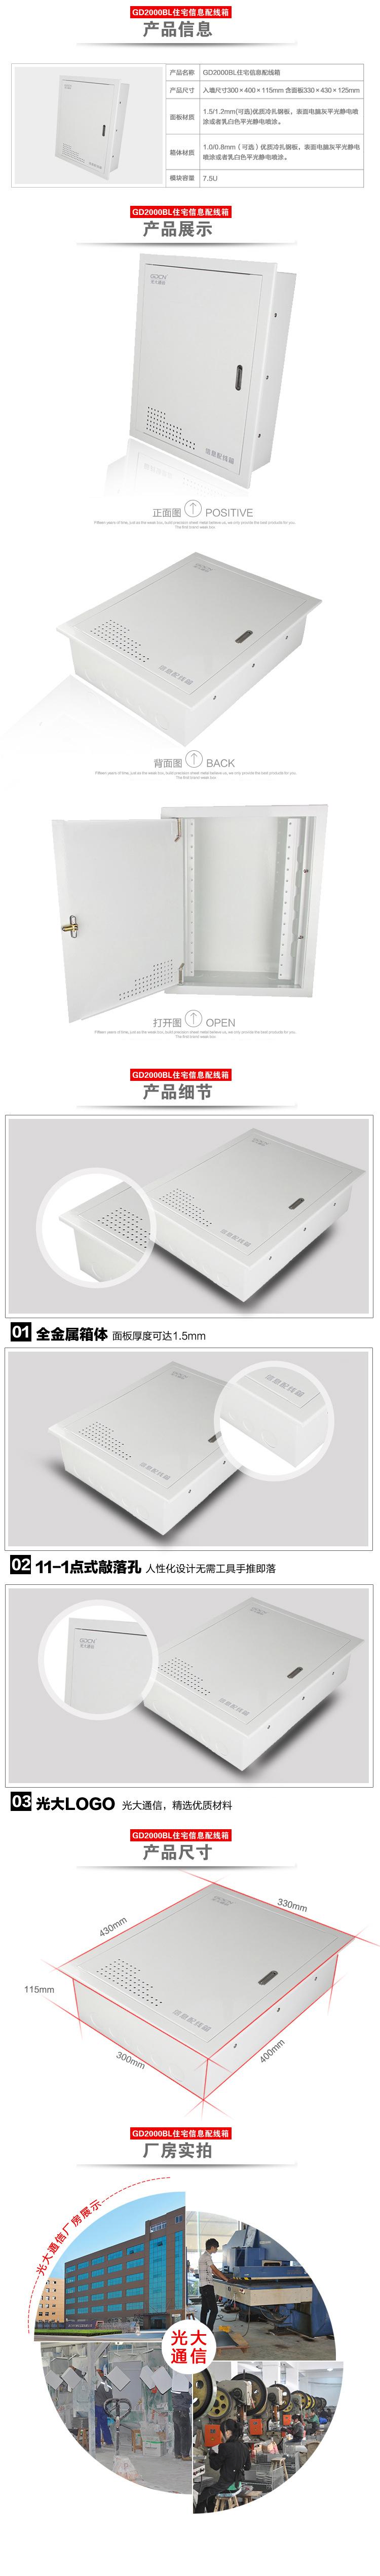 廠家直銷【光大】GD2000BL 住宅信息配線箱